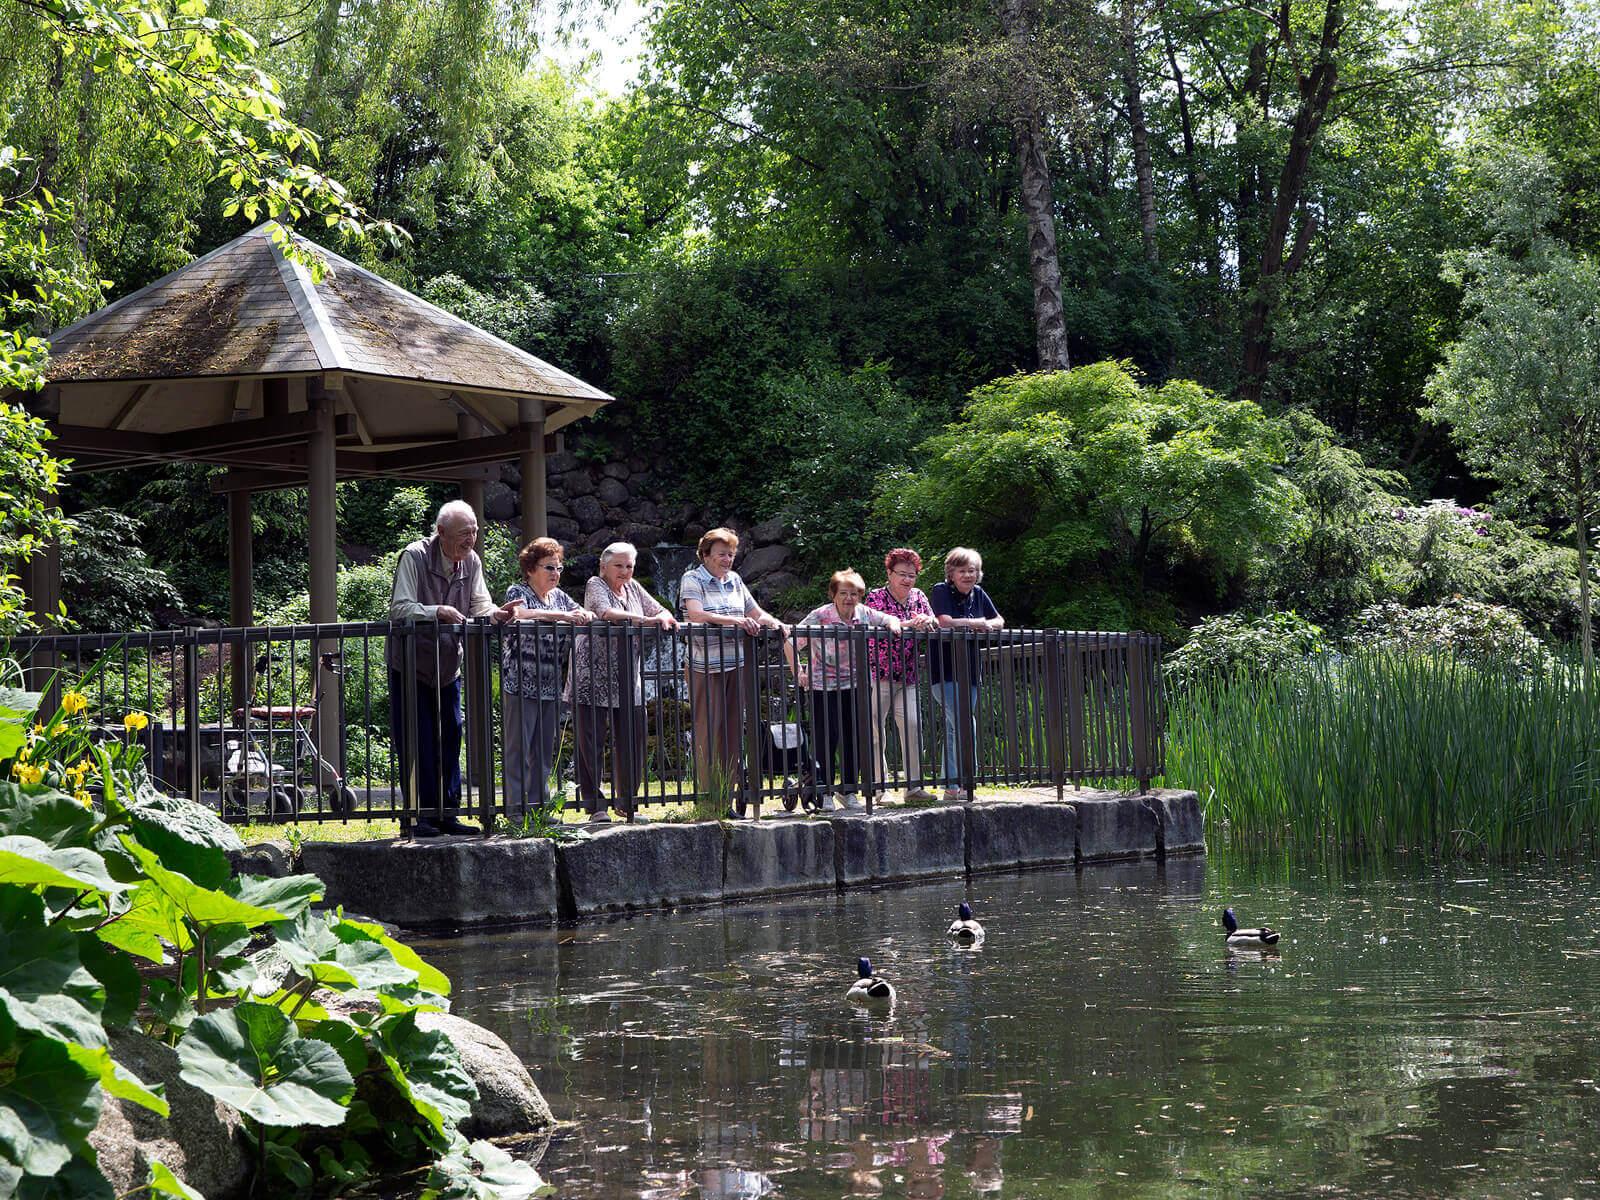 Bewohner des Betreuten Wohnens in der Franzensbader Straße stehen im Pavillon des Schmutterparks und blicken auf den Teich. Foto: Ulrike Klumpp